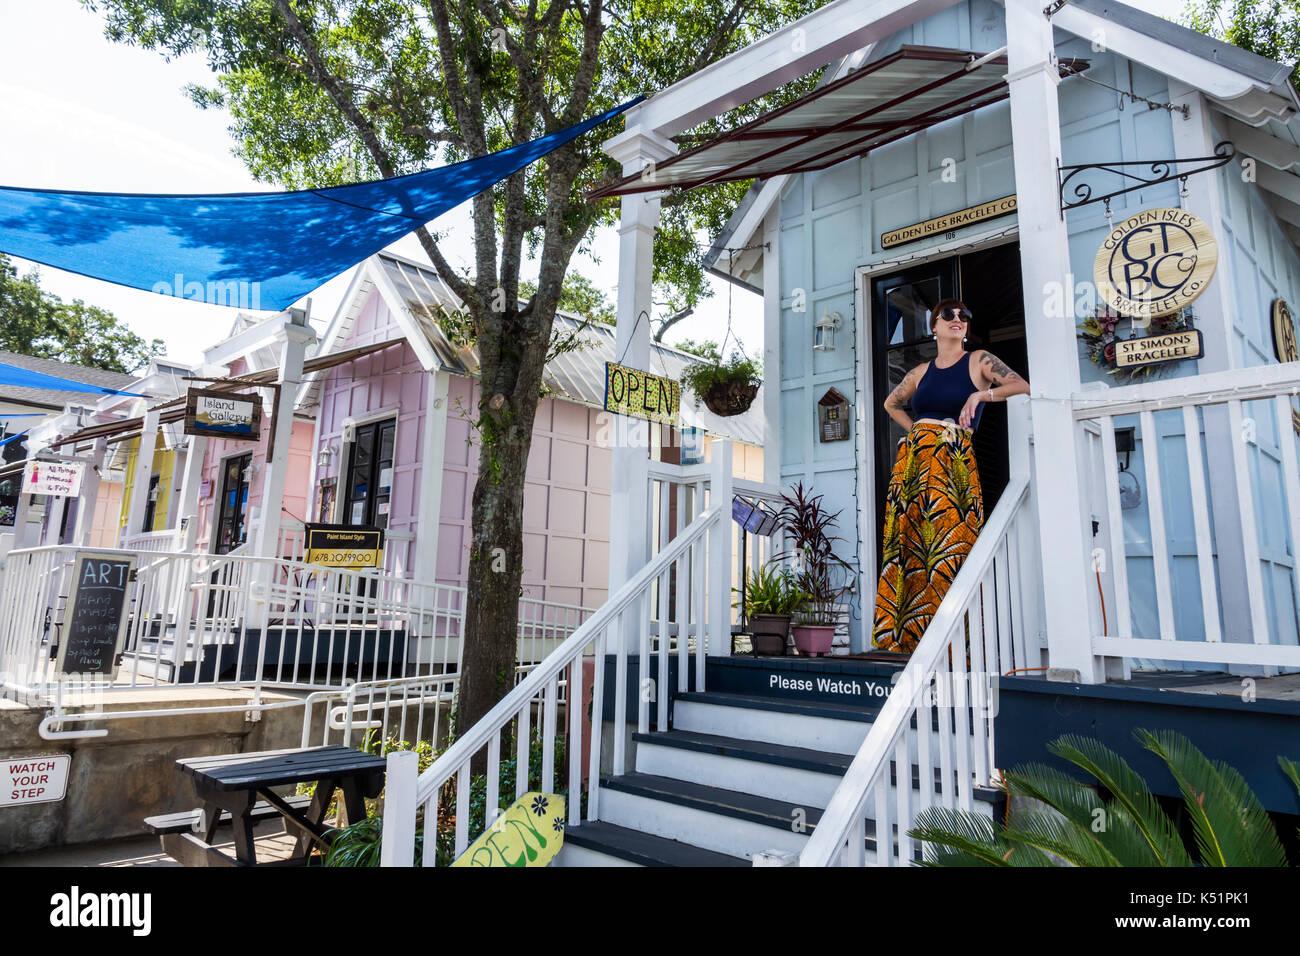 St Simons Island Pier Village Shops